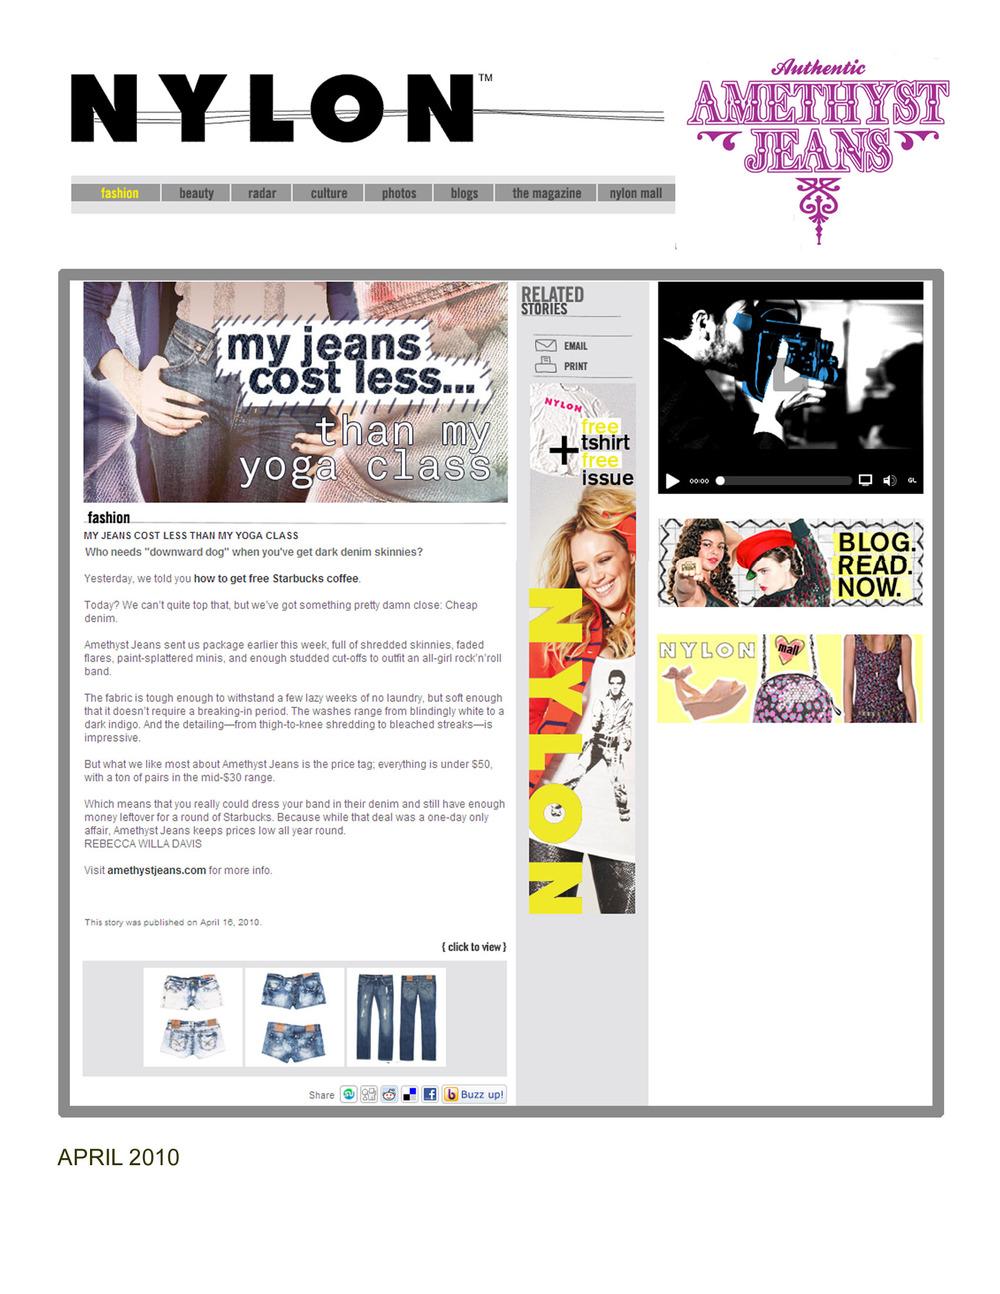 Nylonmag.com_April2010.jpg